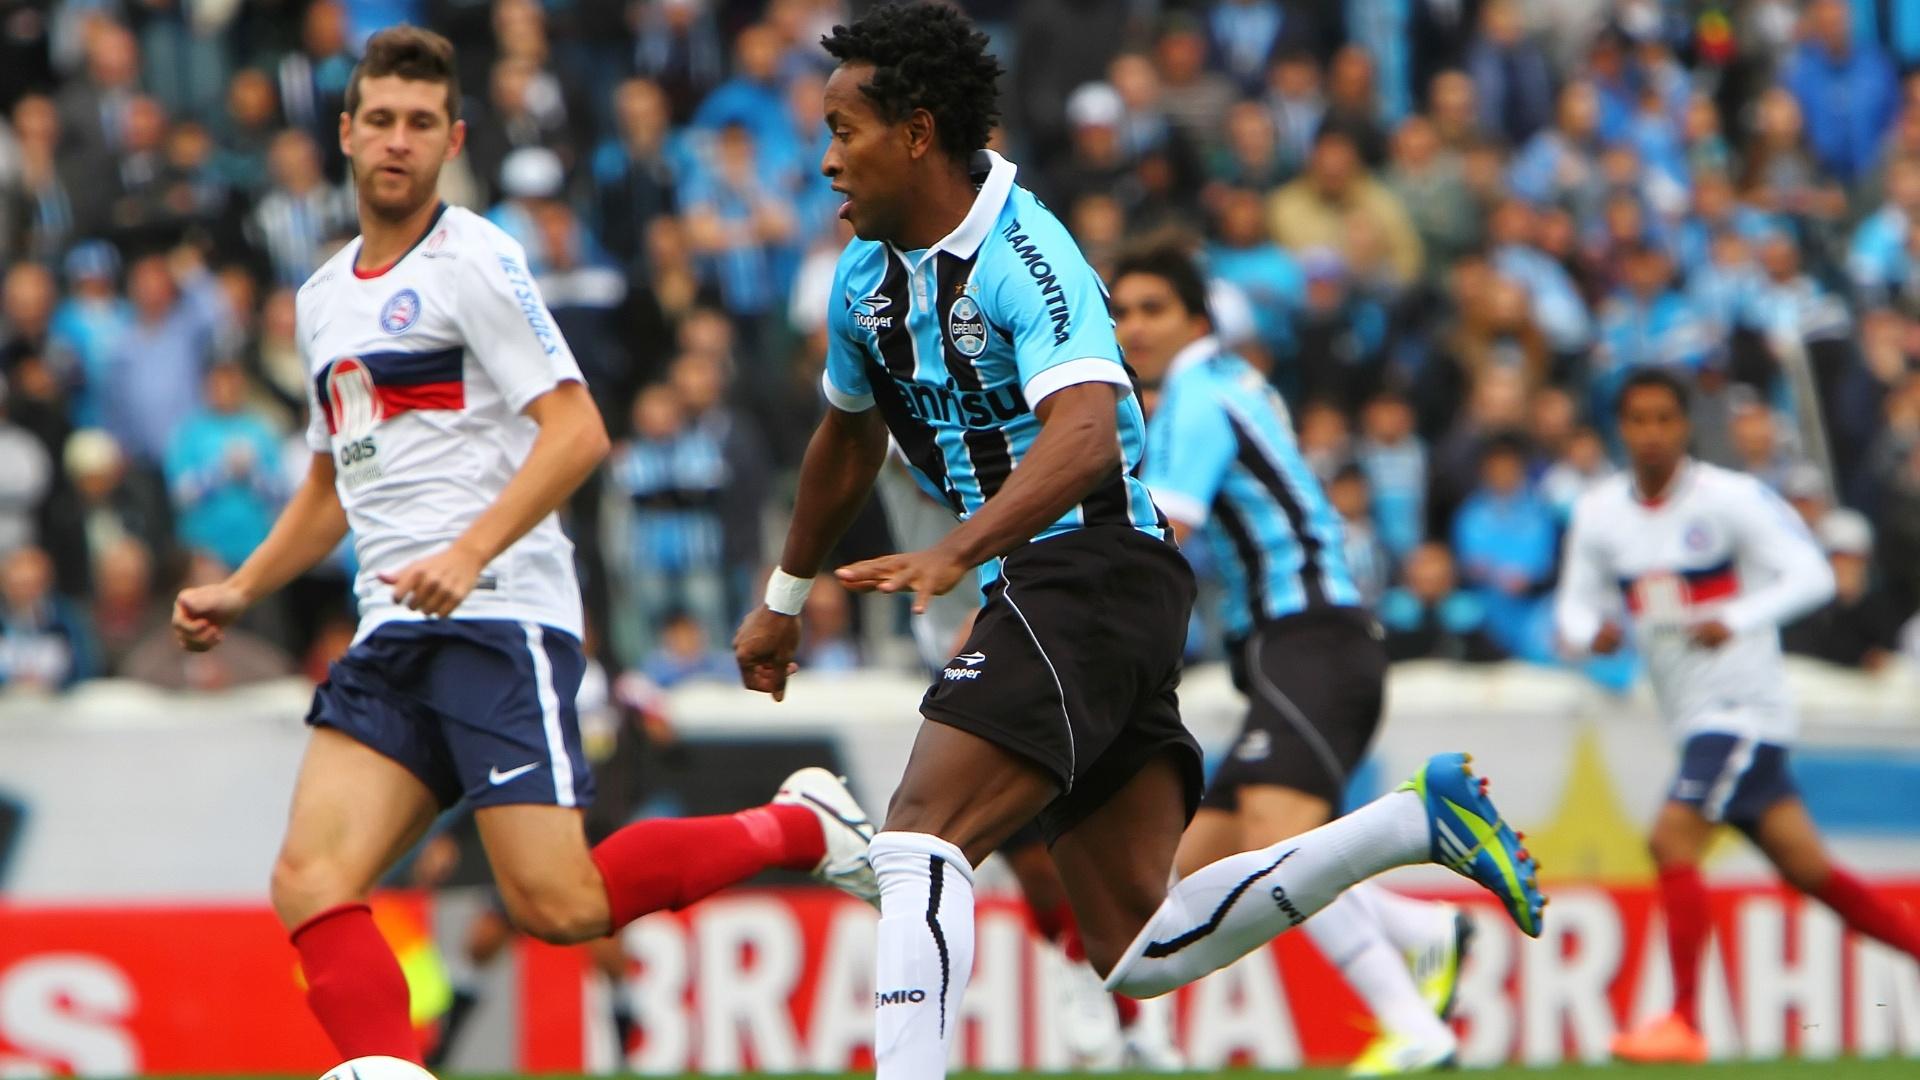 Zé Roberto arma jogada do Grêmio contra o Bahia